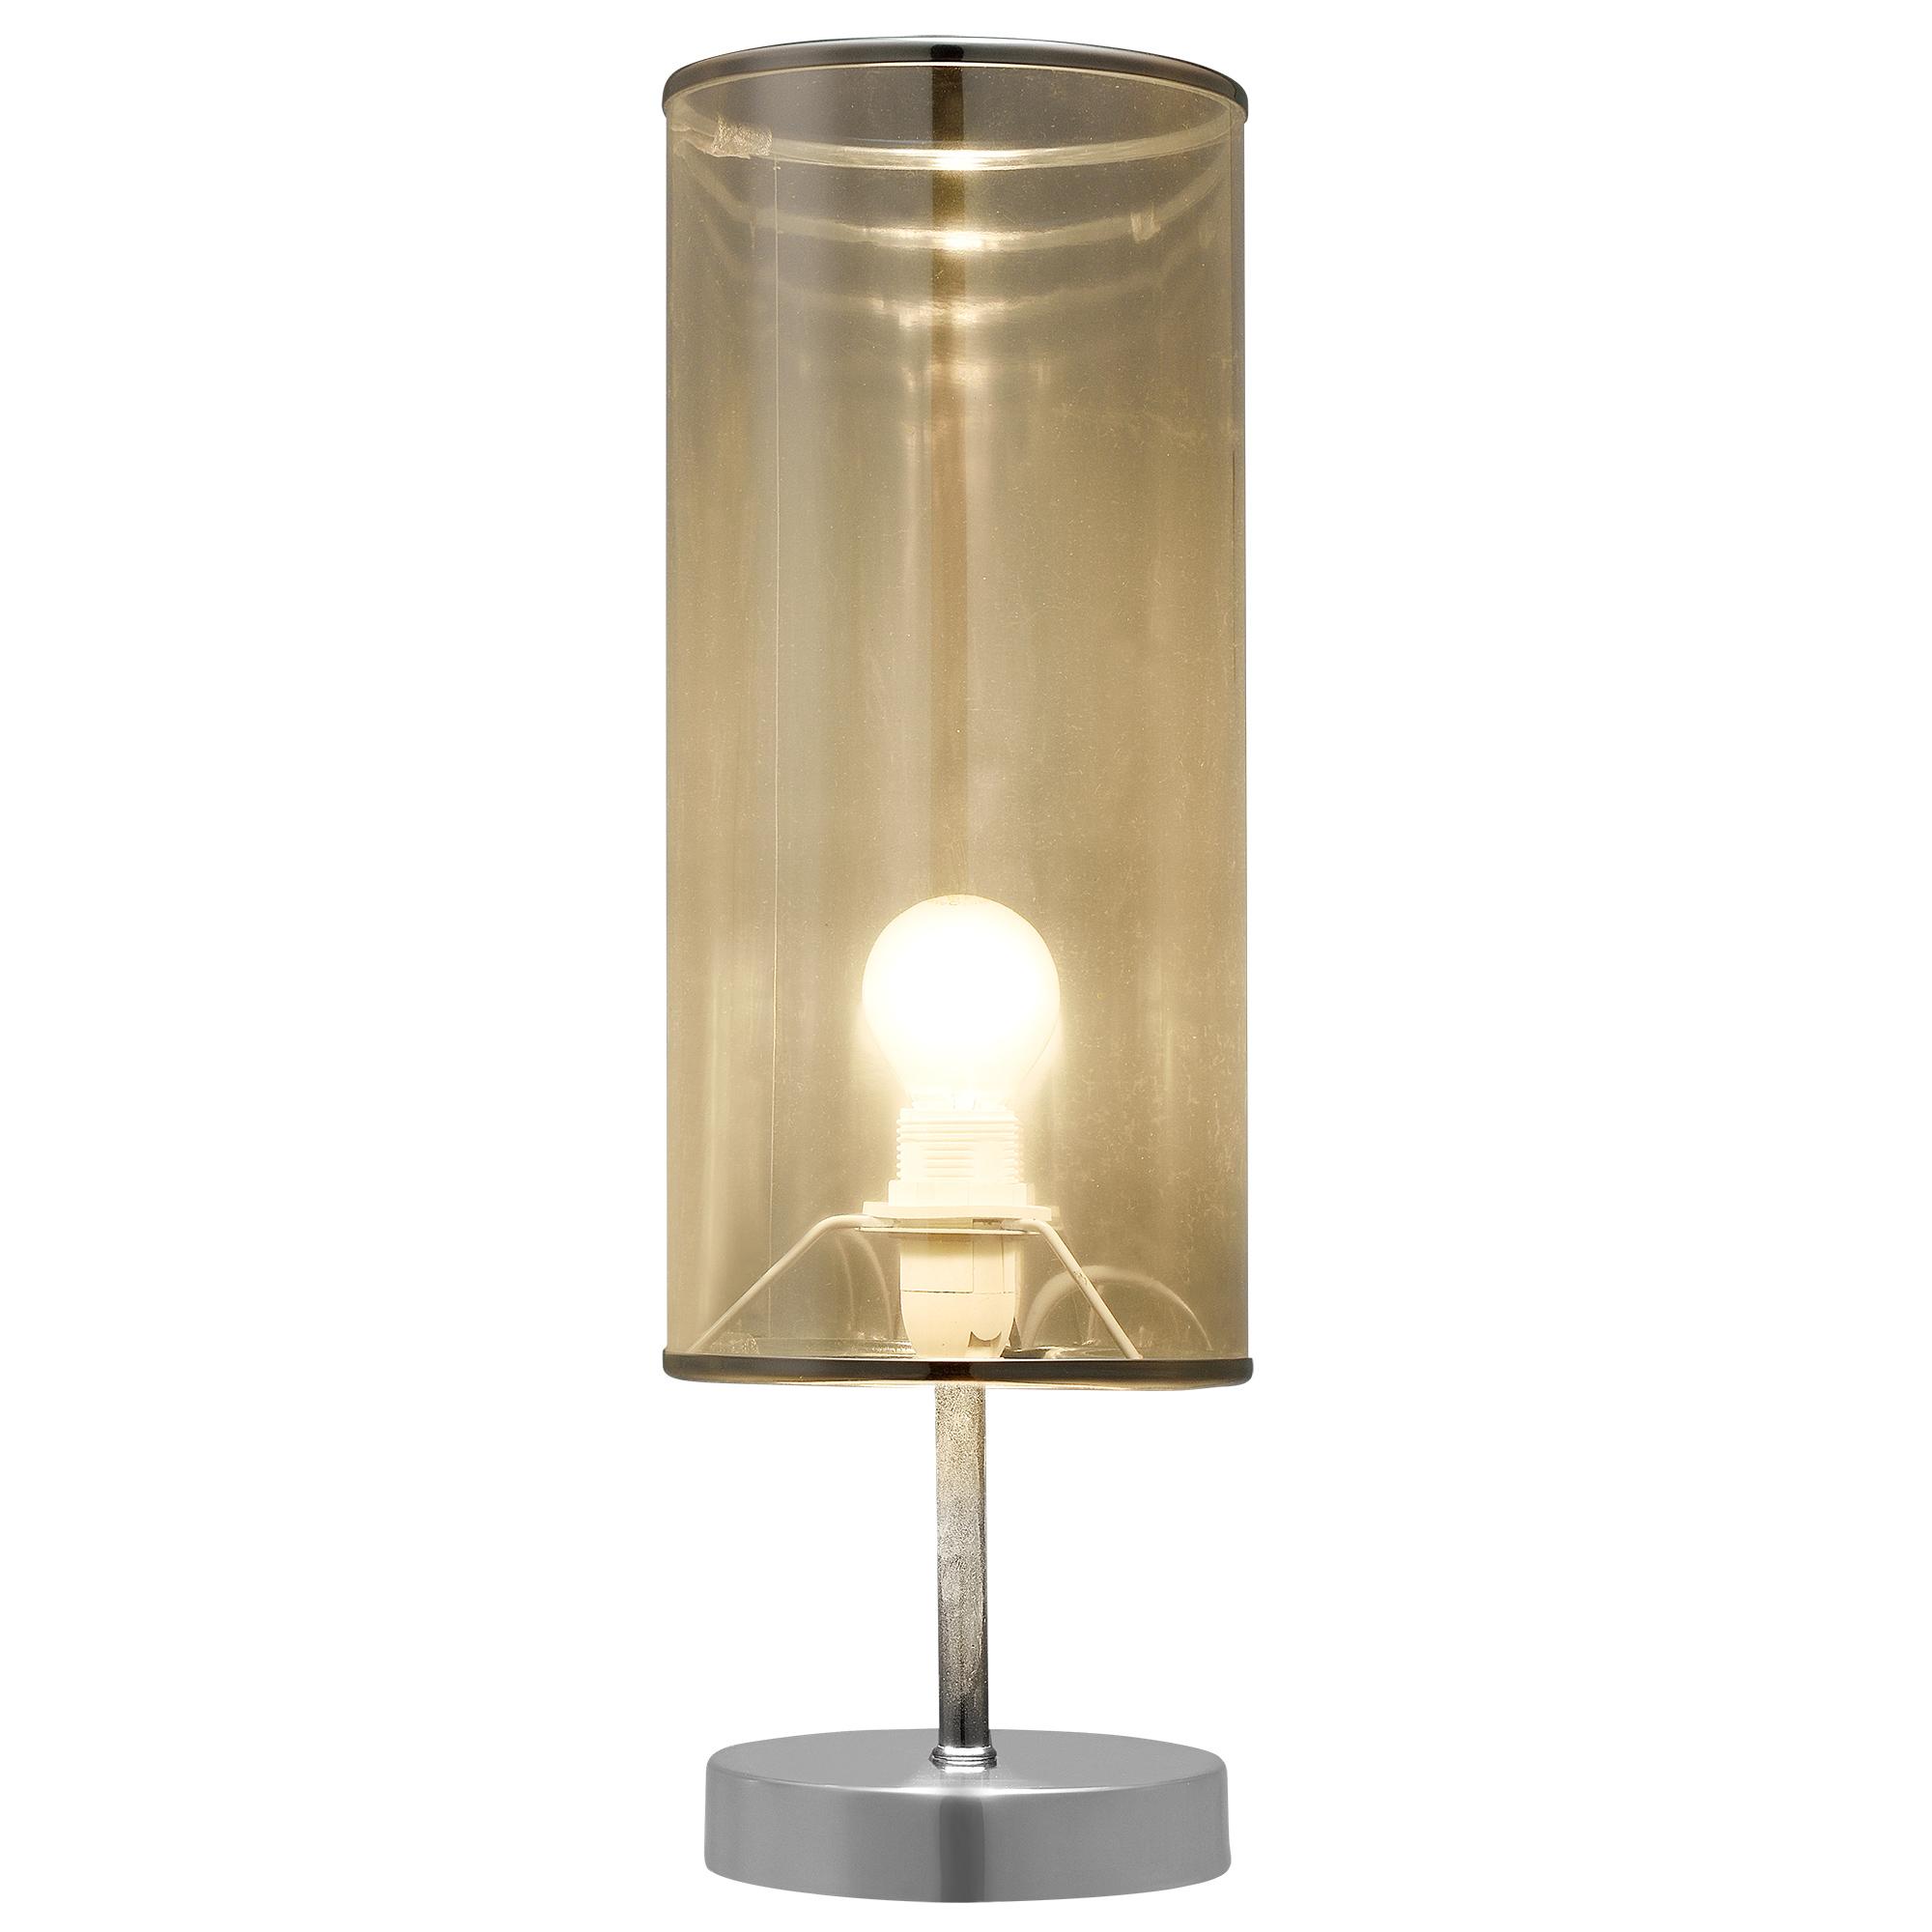 lampe de table h44cm x 14cm lampe de chevet table de nuit lampe e14 ebay. Black Bedroom Furniture Sets. Home Design Ideas